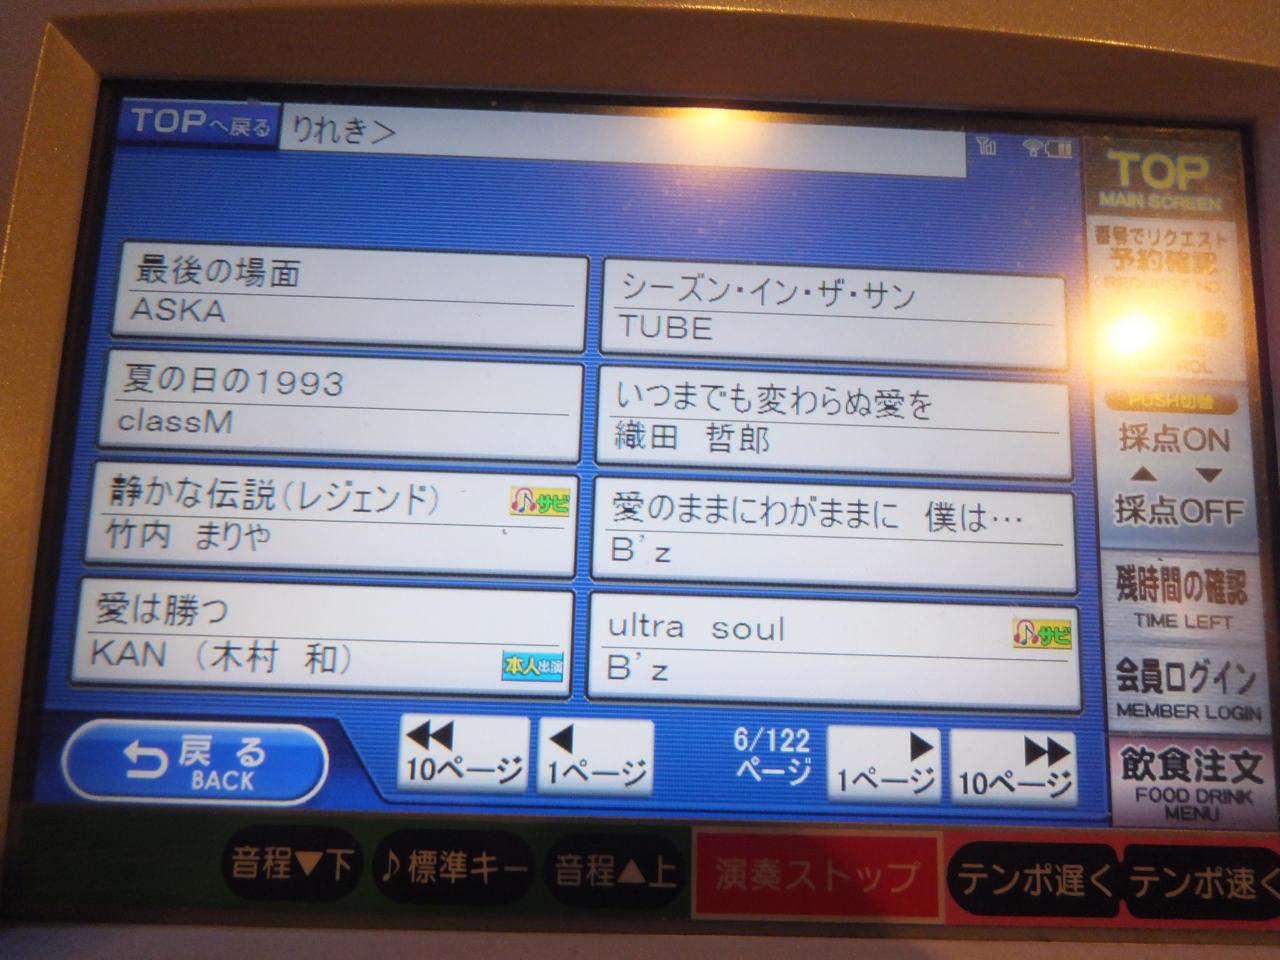 1人カラオケ・曲目リストvol4・B'z・織田哲郎・竹内まりや・画像写真